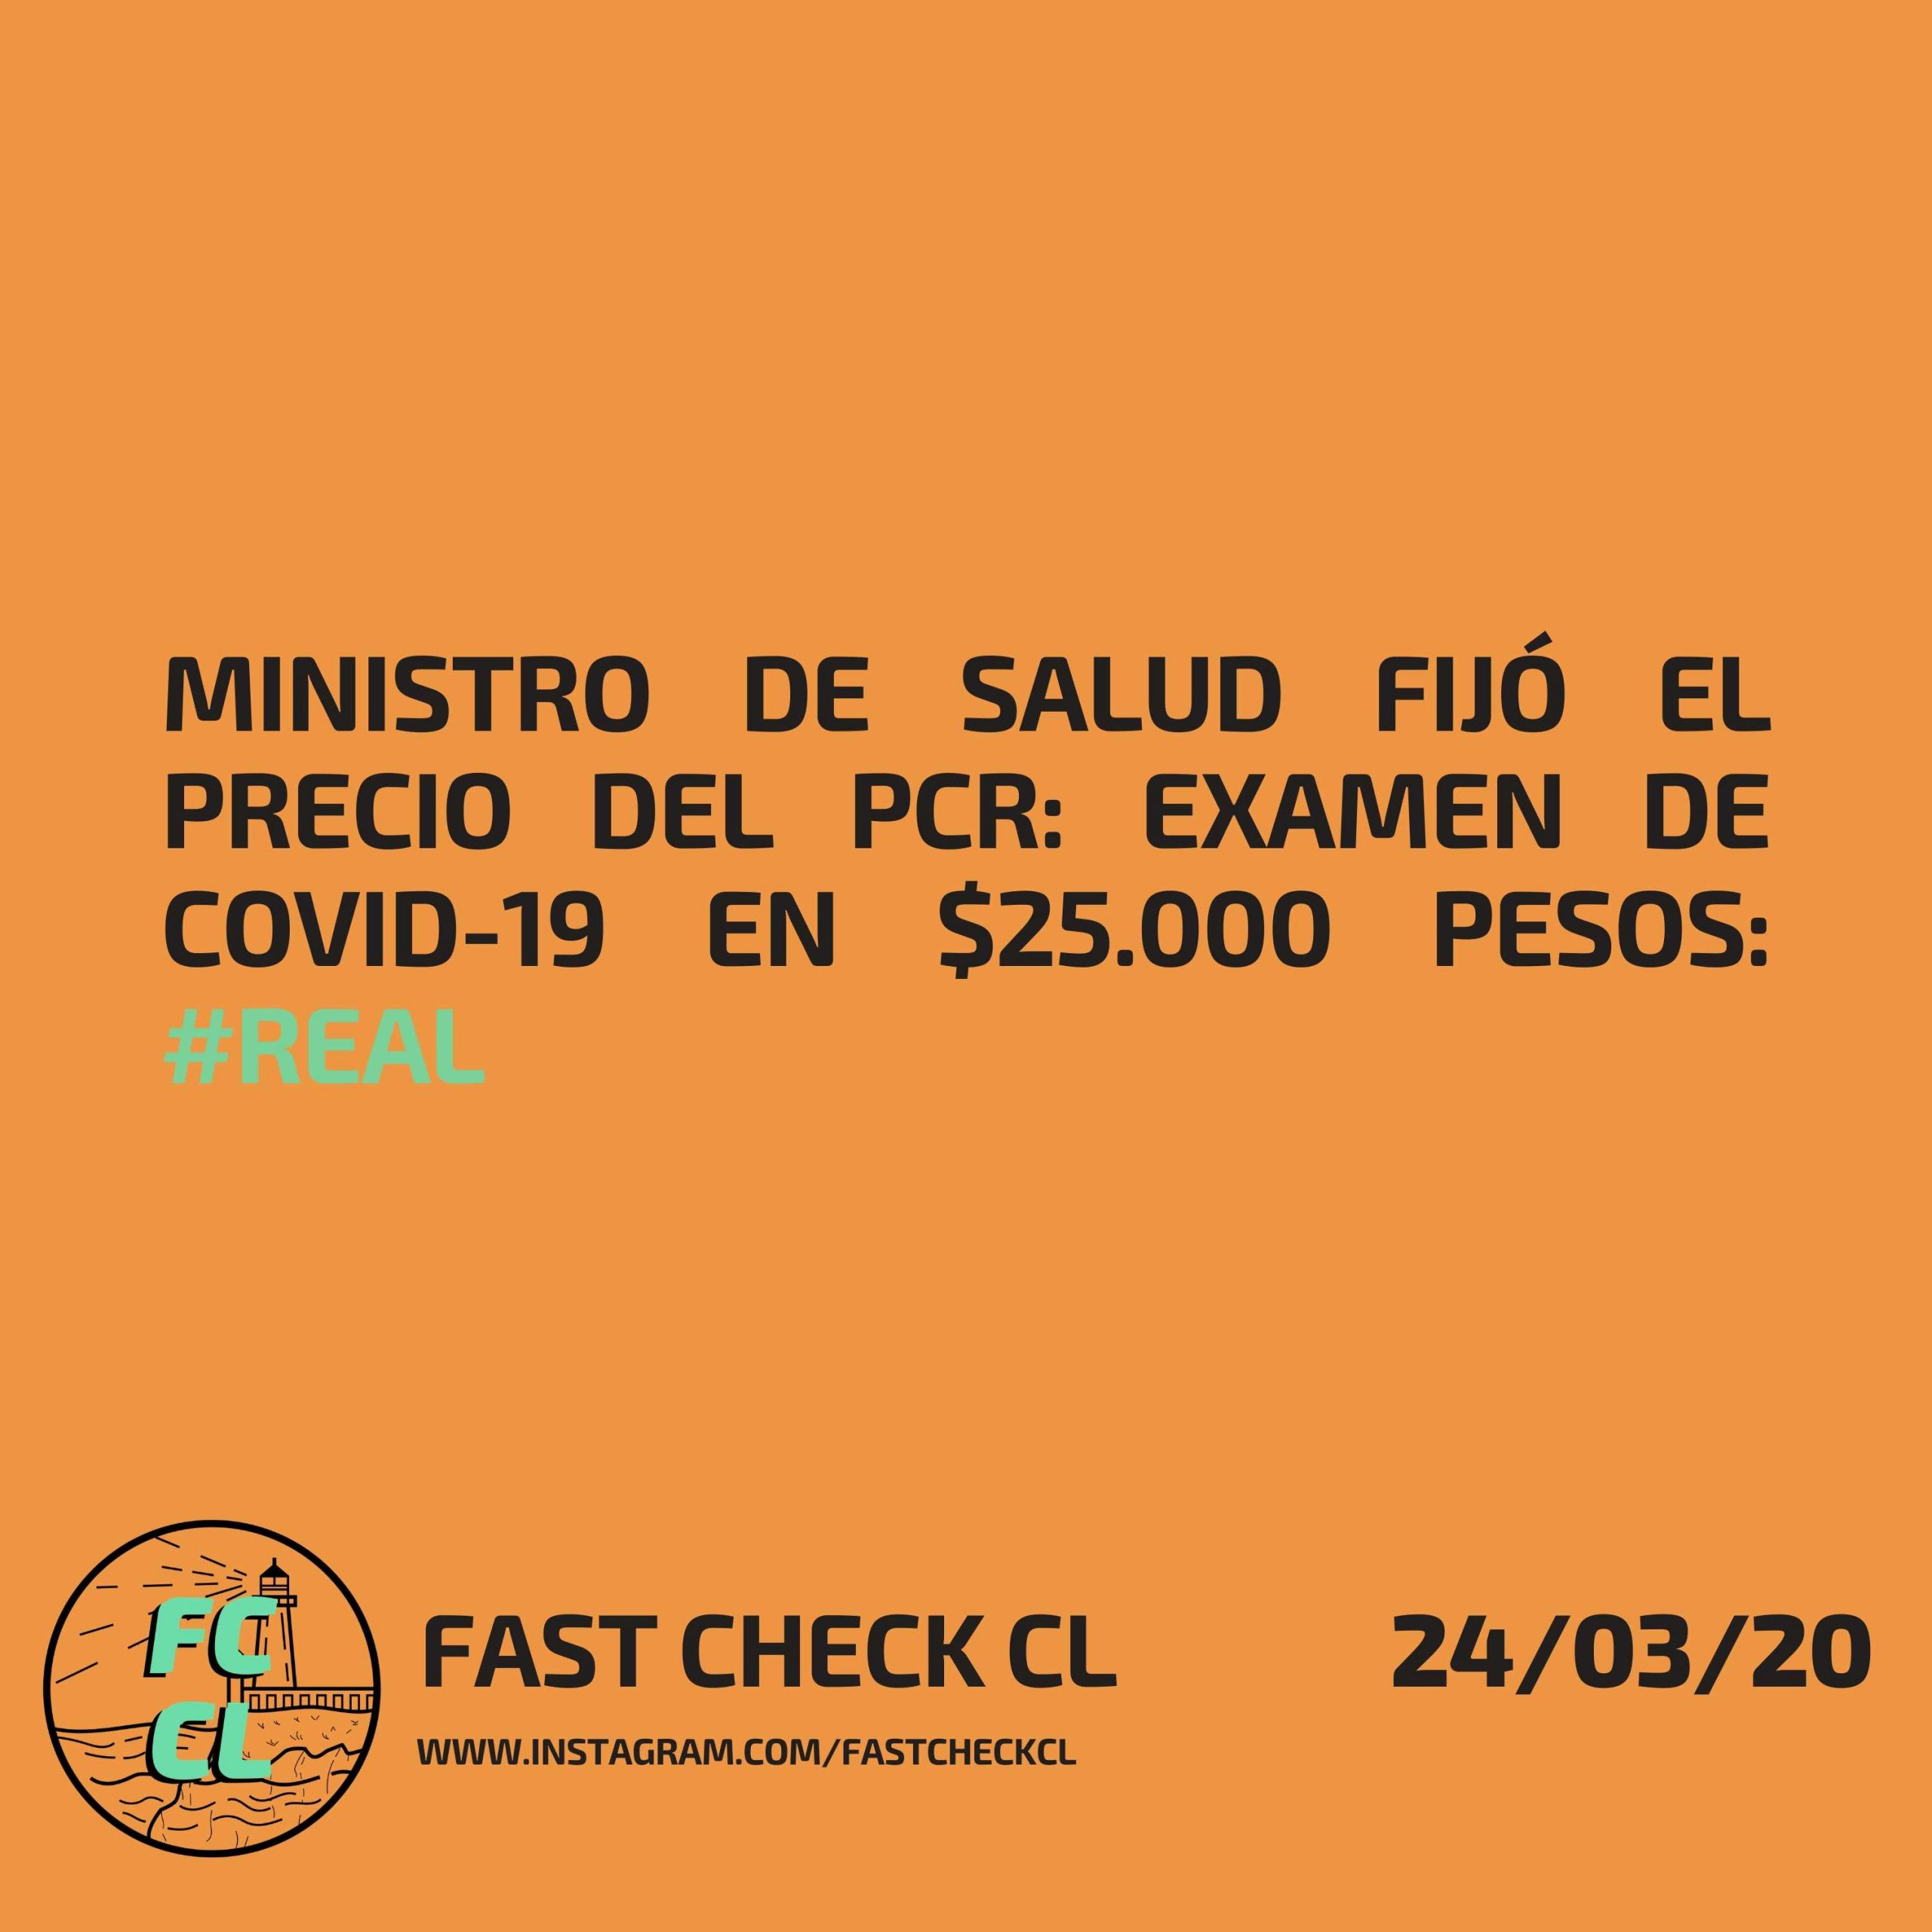 Ministro de Salud fijó el precio del PCR: examen de Covid-19 en $25.000: #Real